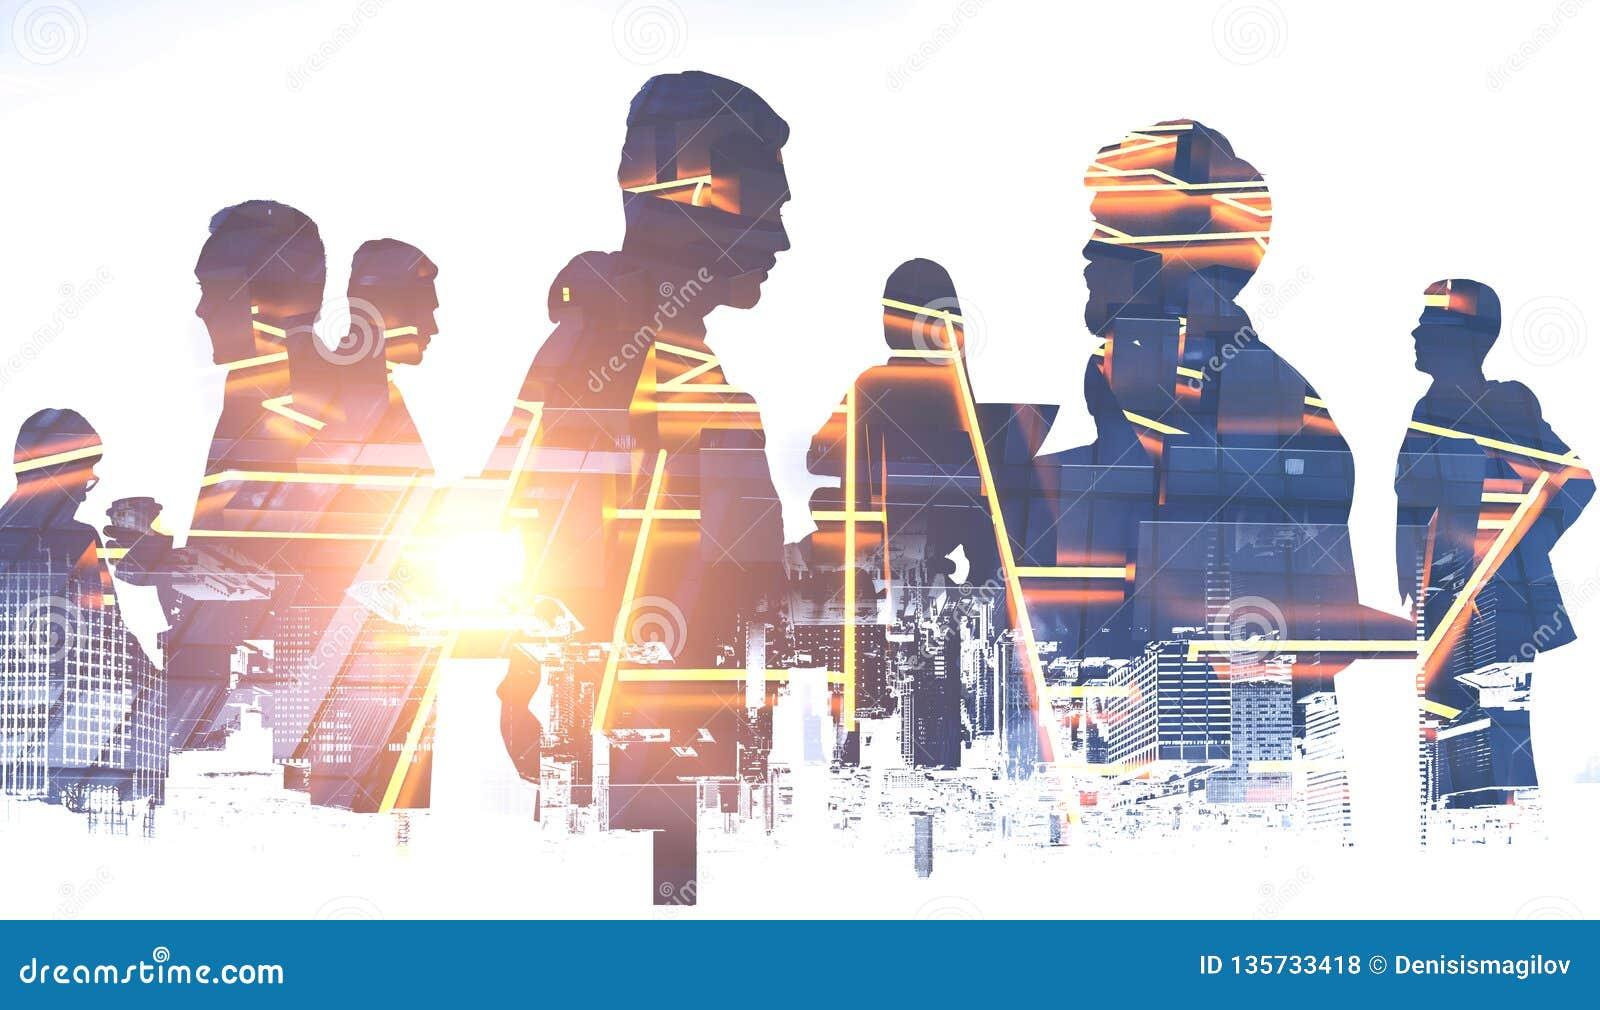 Bedrijfsmensensilhouetten, gloeiend stadsplan